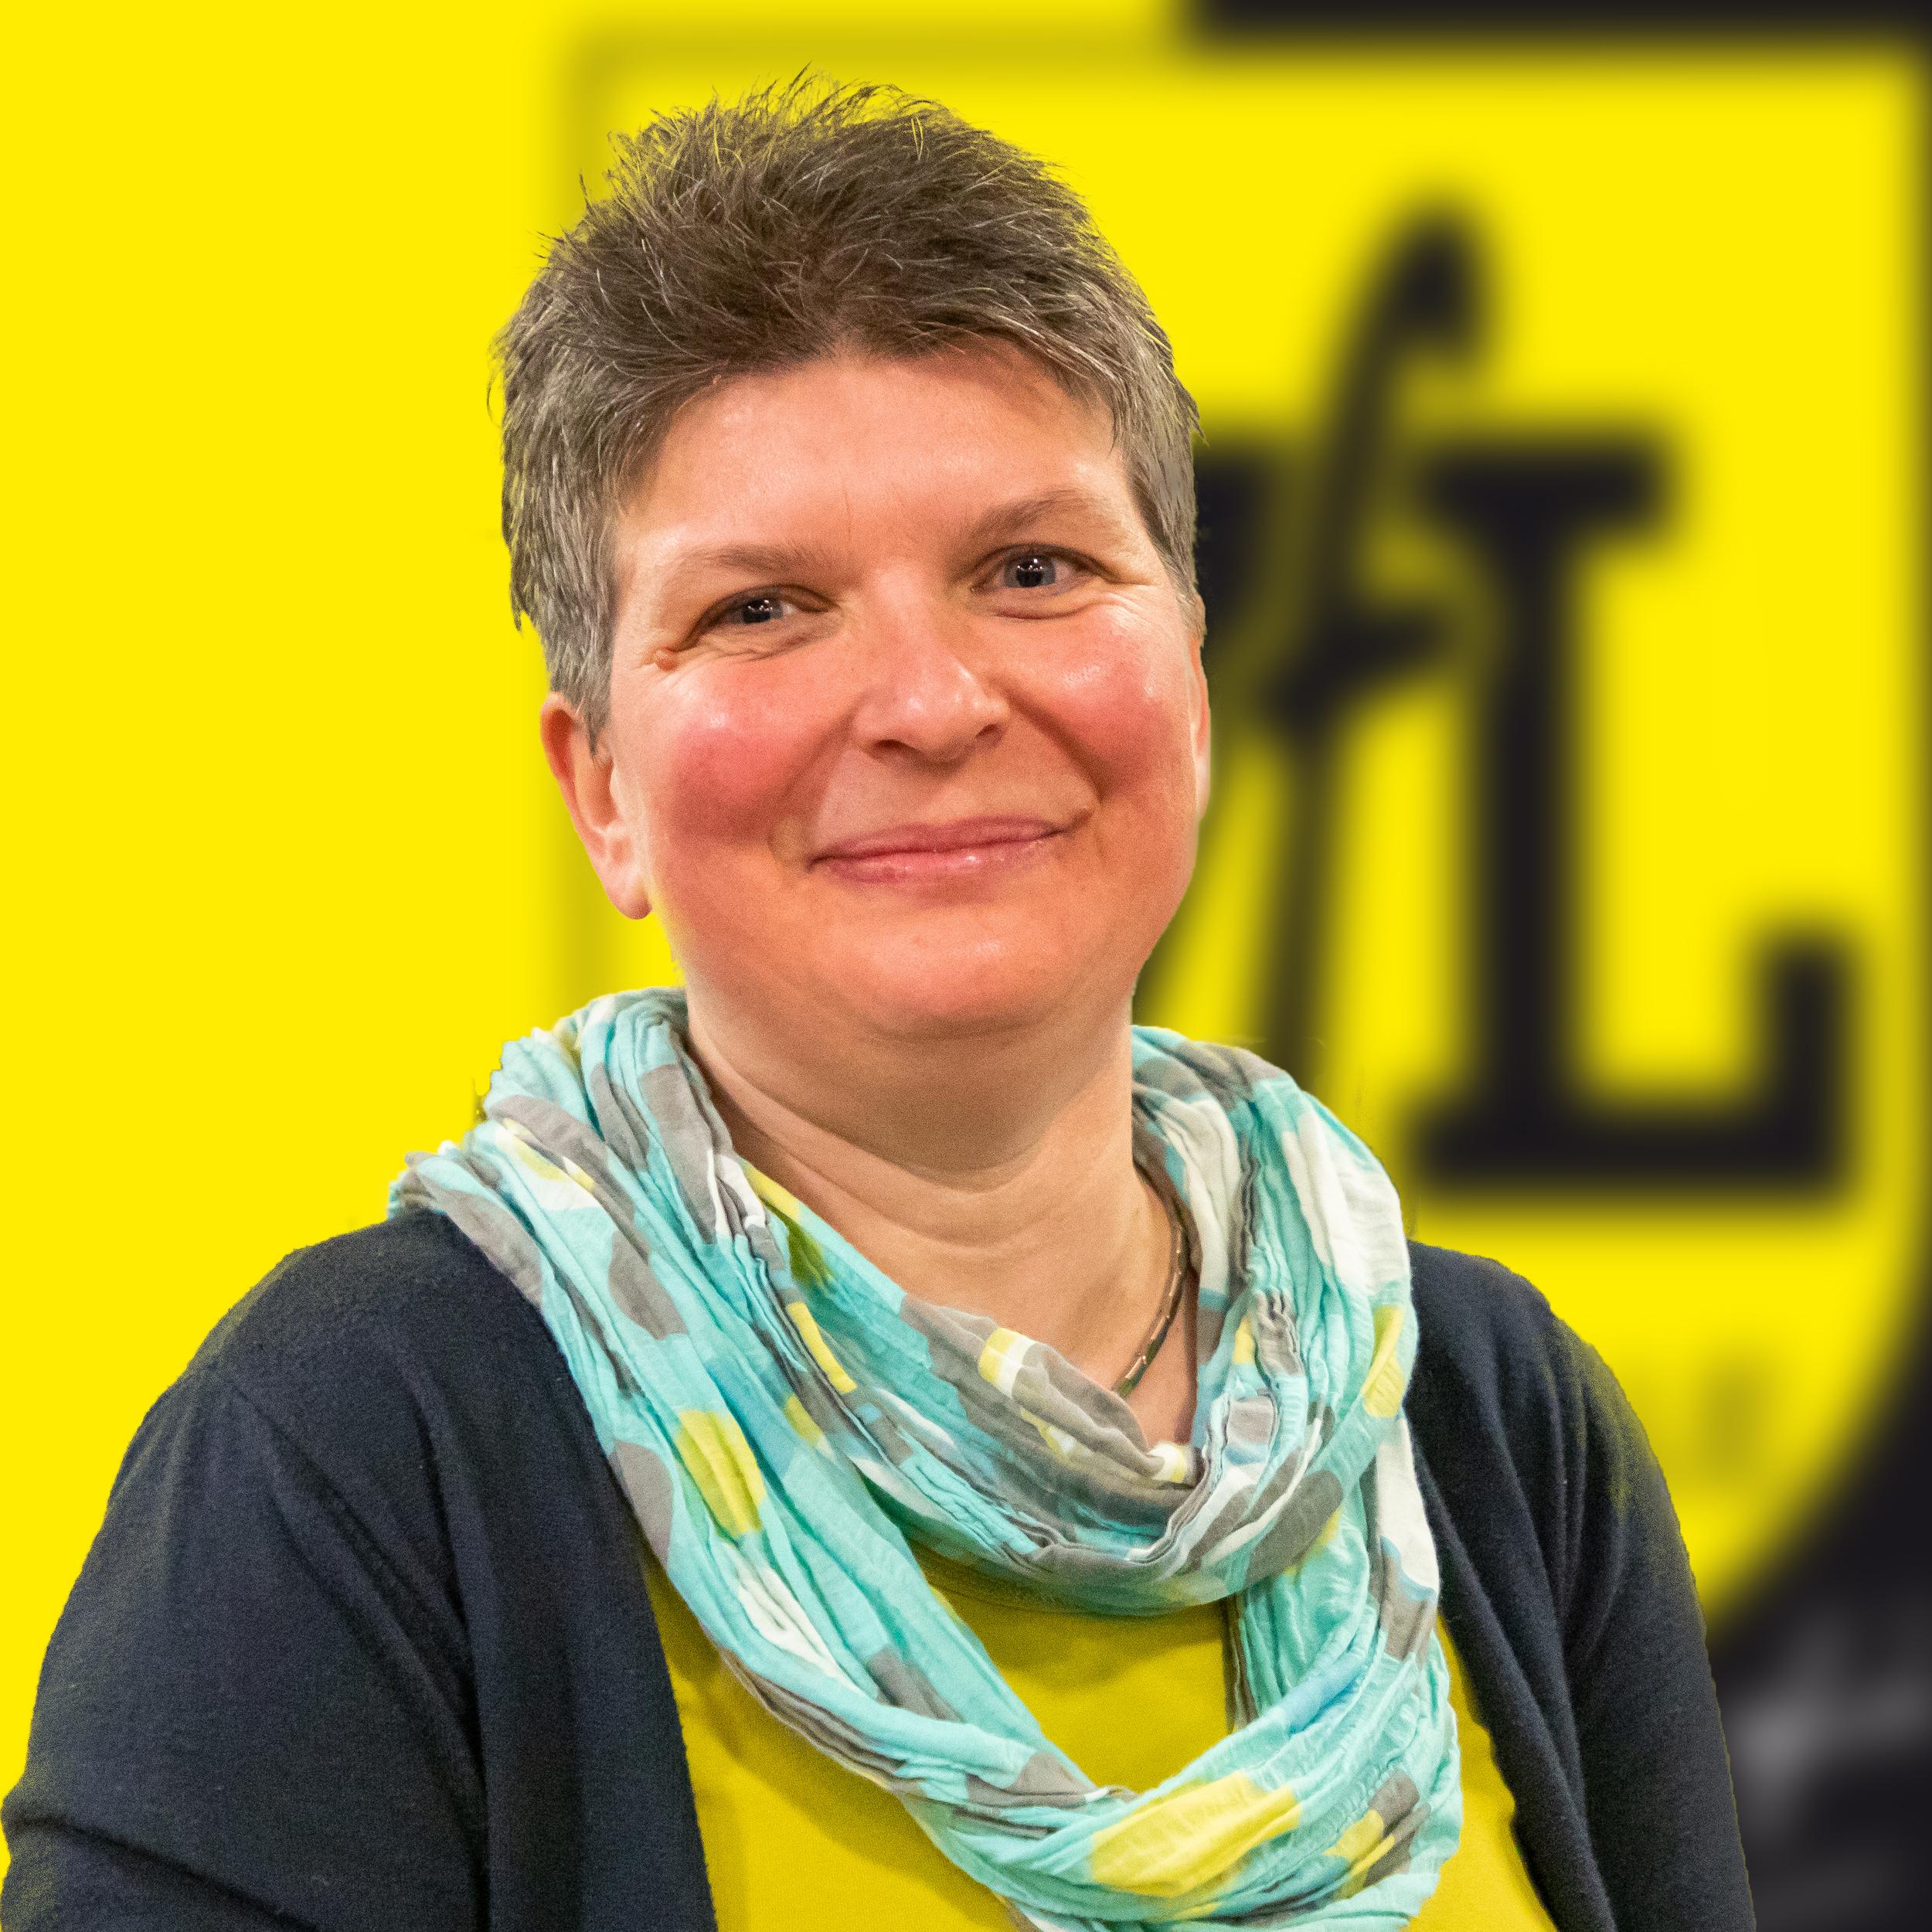 Yvonne Mohs